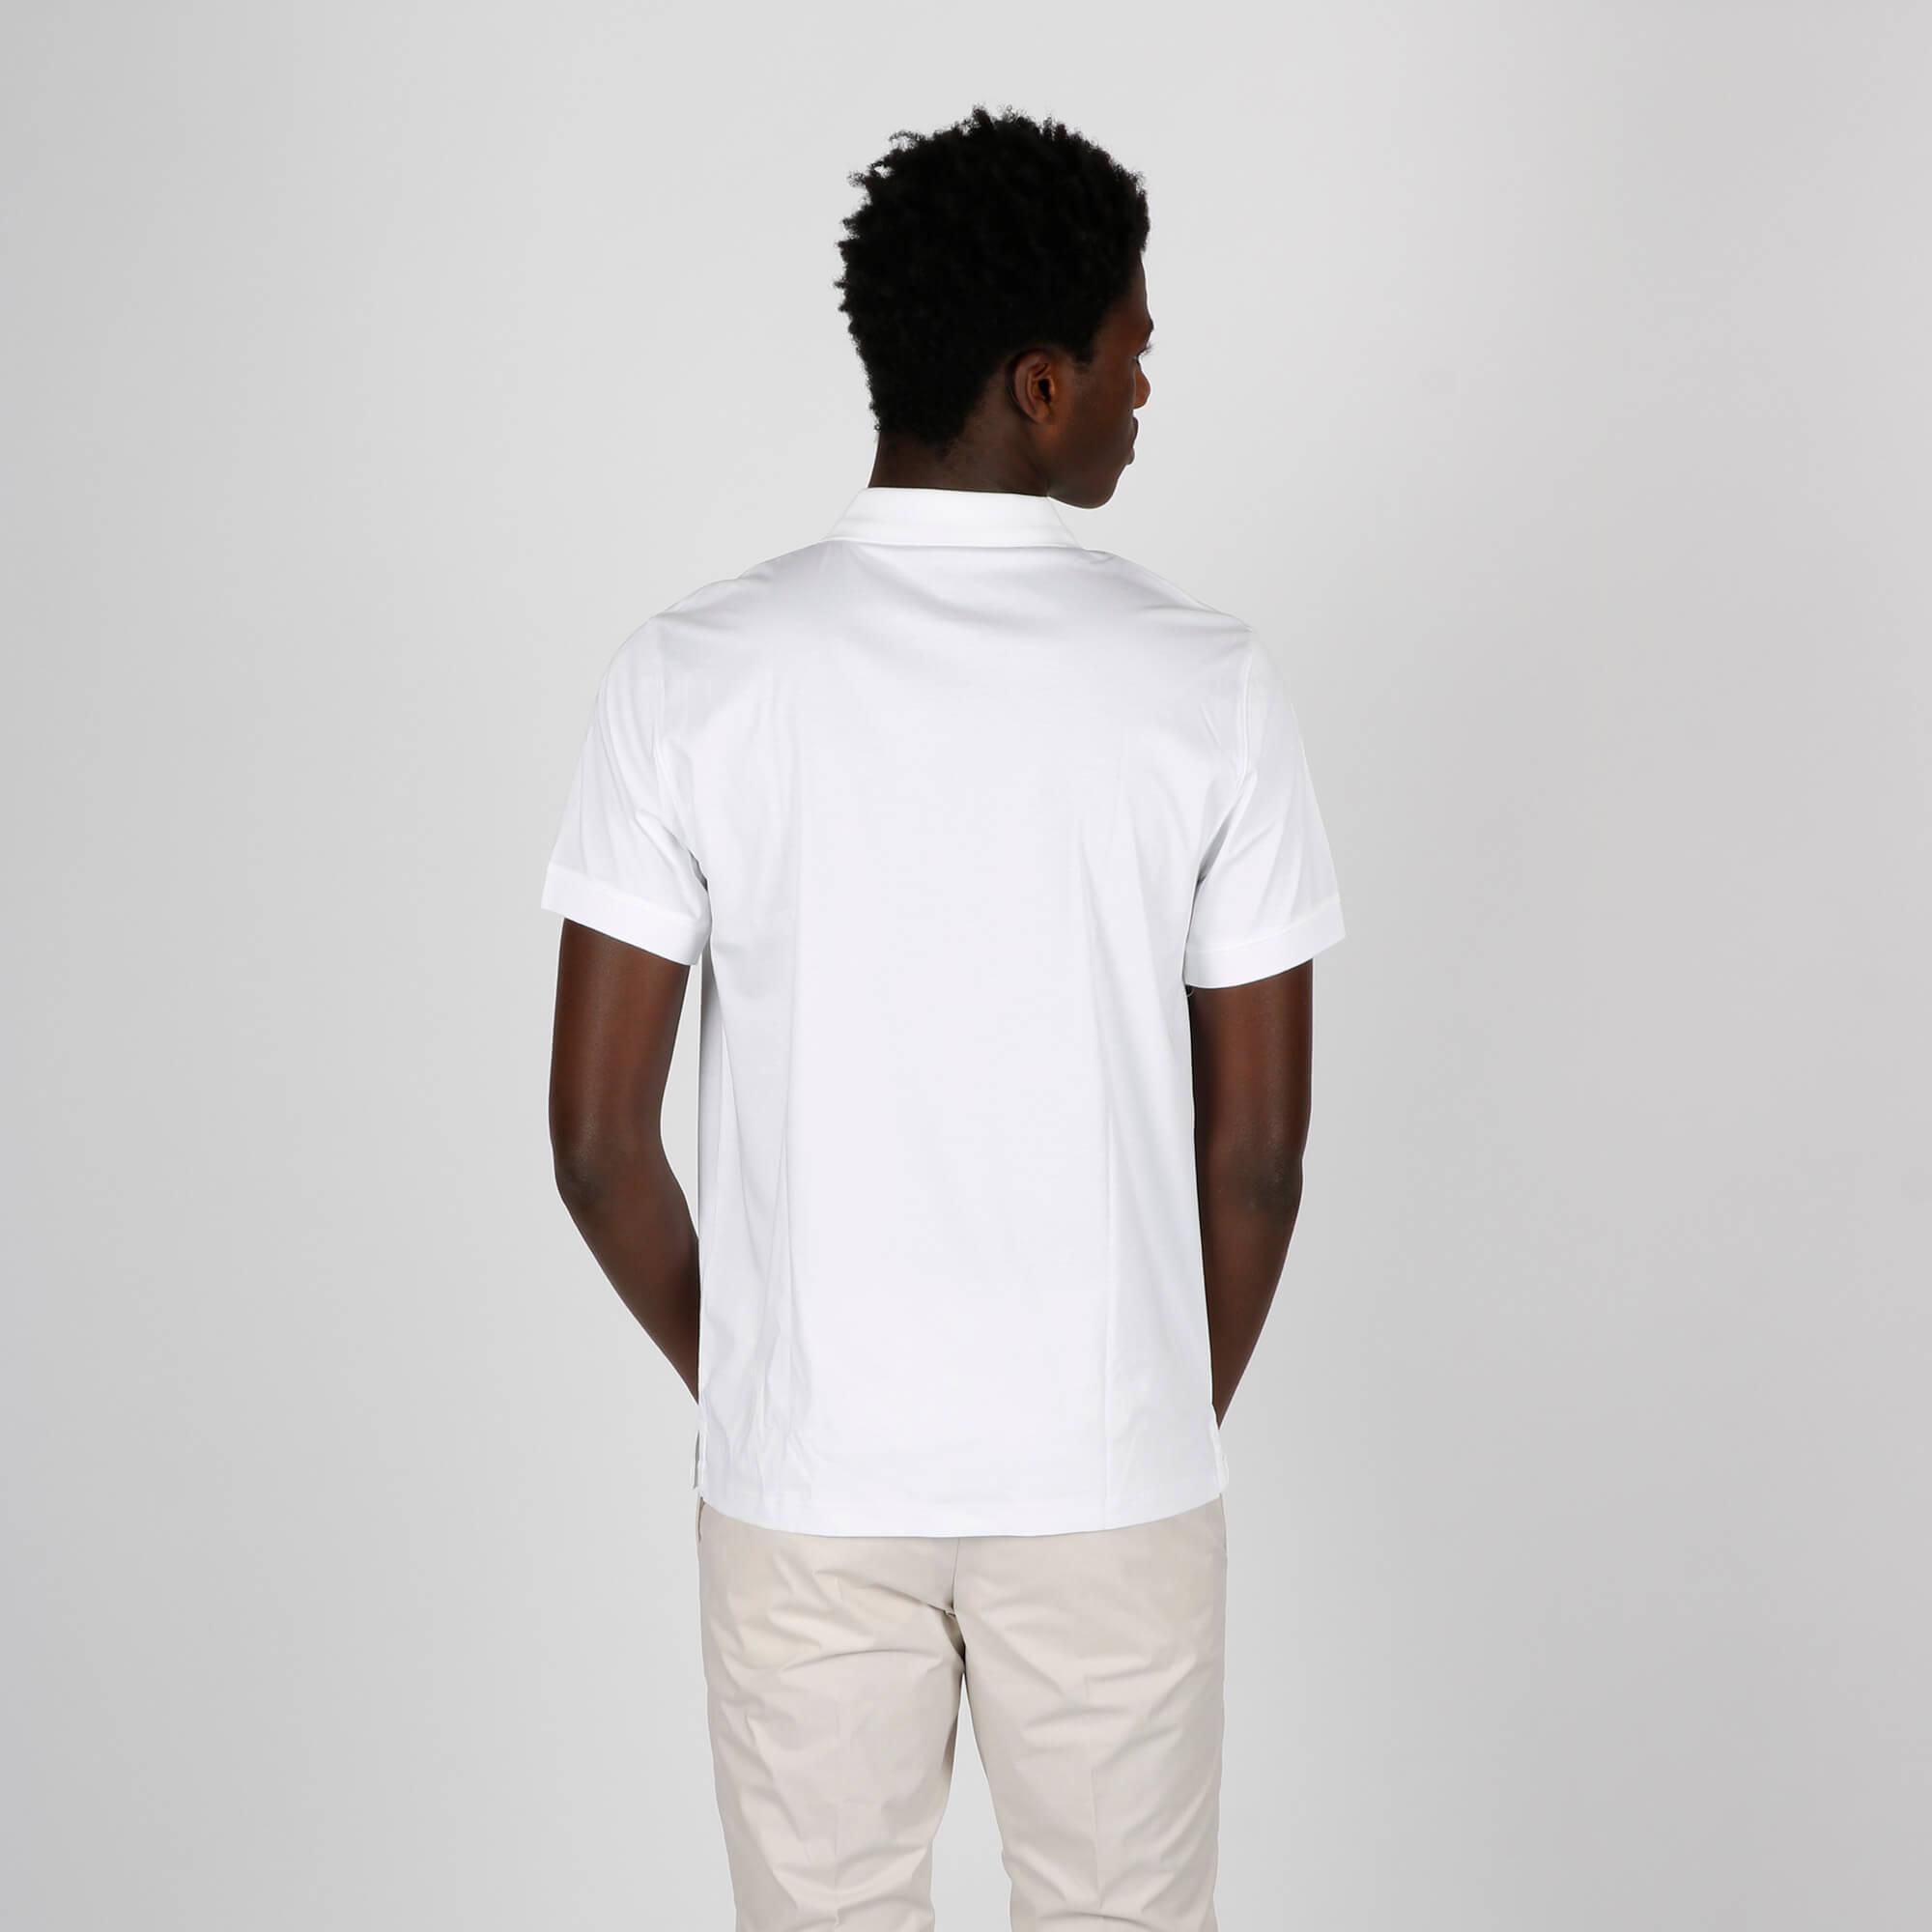 Polo loghino tono su tono - Bianco